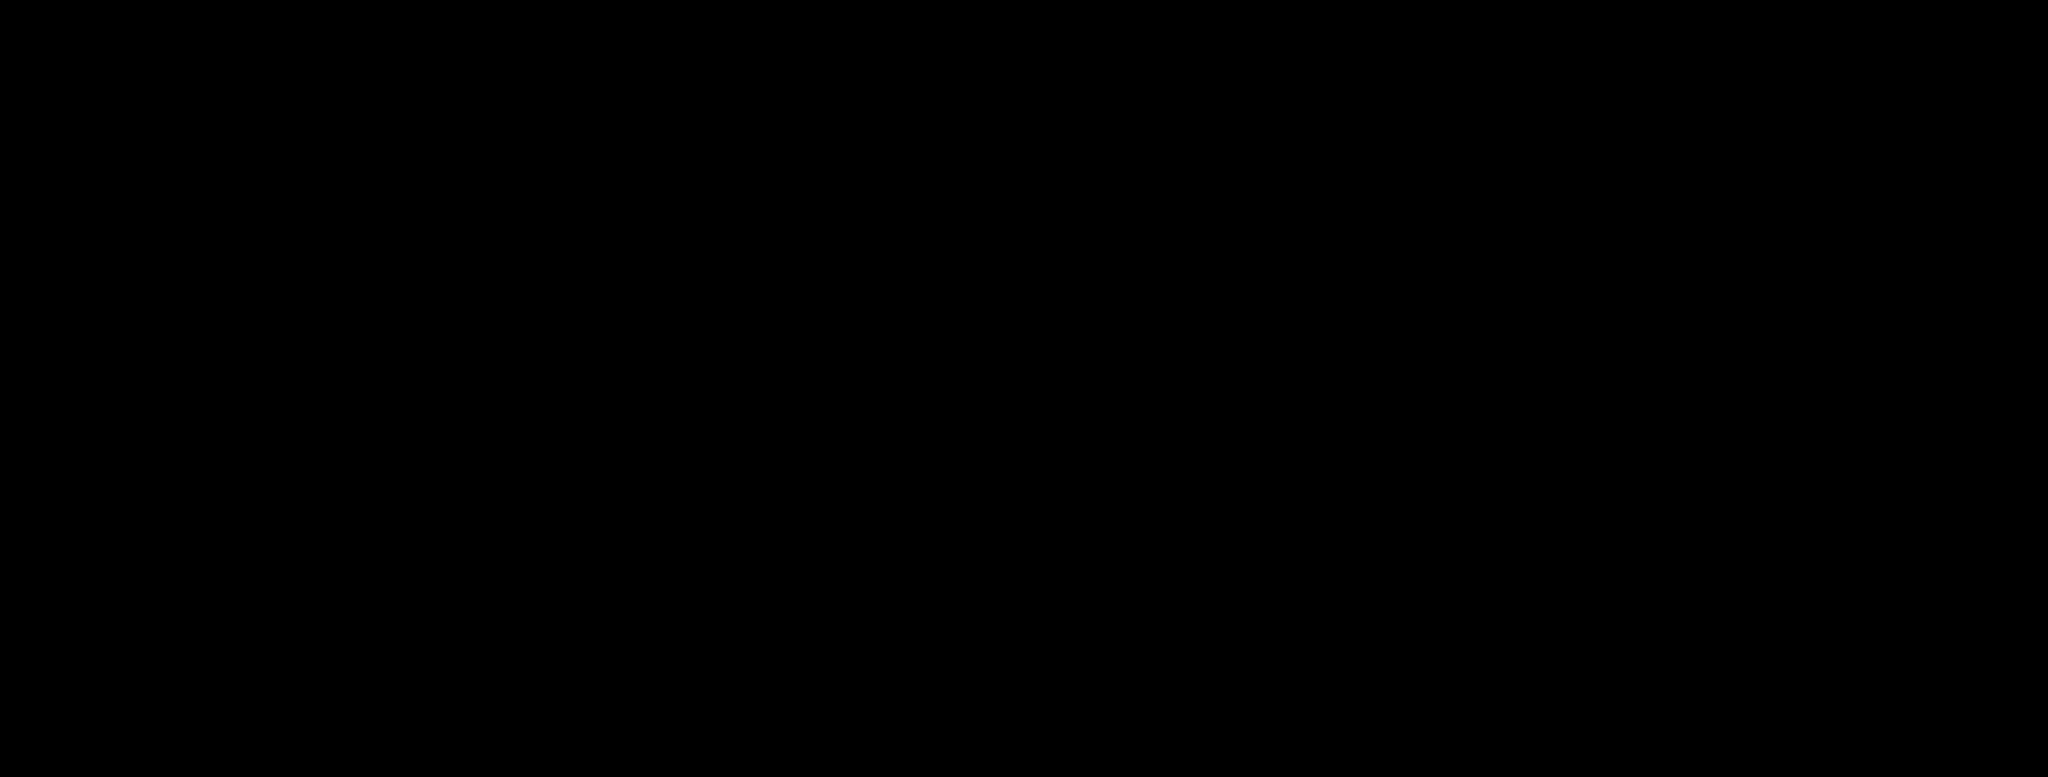 Solvinity logo zw 002